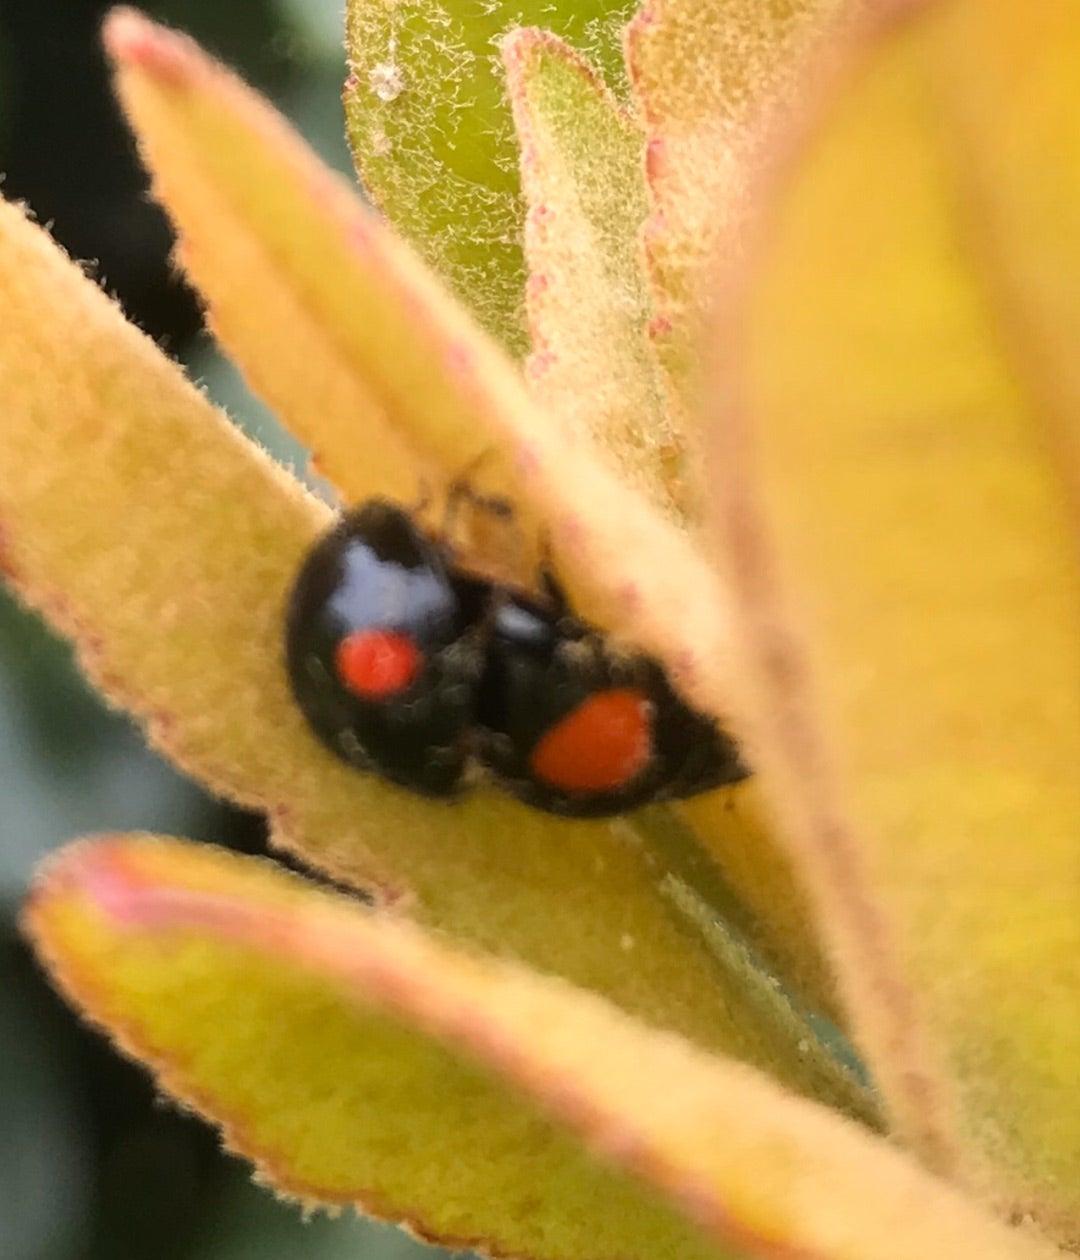 てんとう 虫 寿命 てんとう虫の幼虫→さなぎ→成虫まで!寄生する害虫も!?